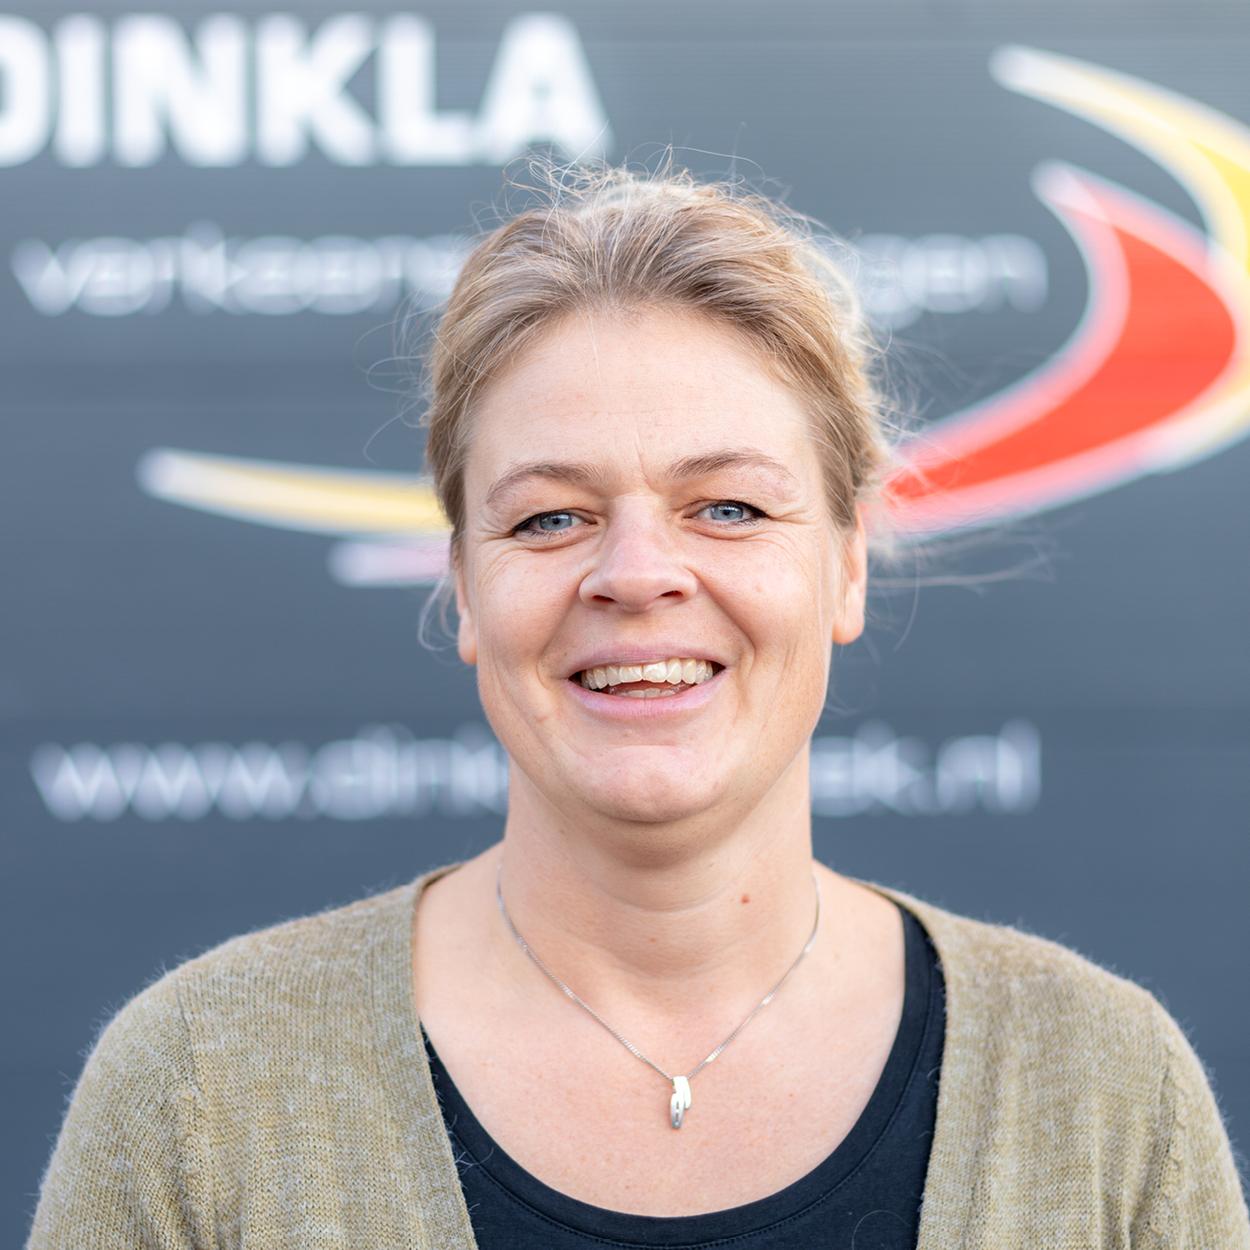 Dorien Spek